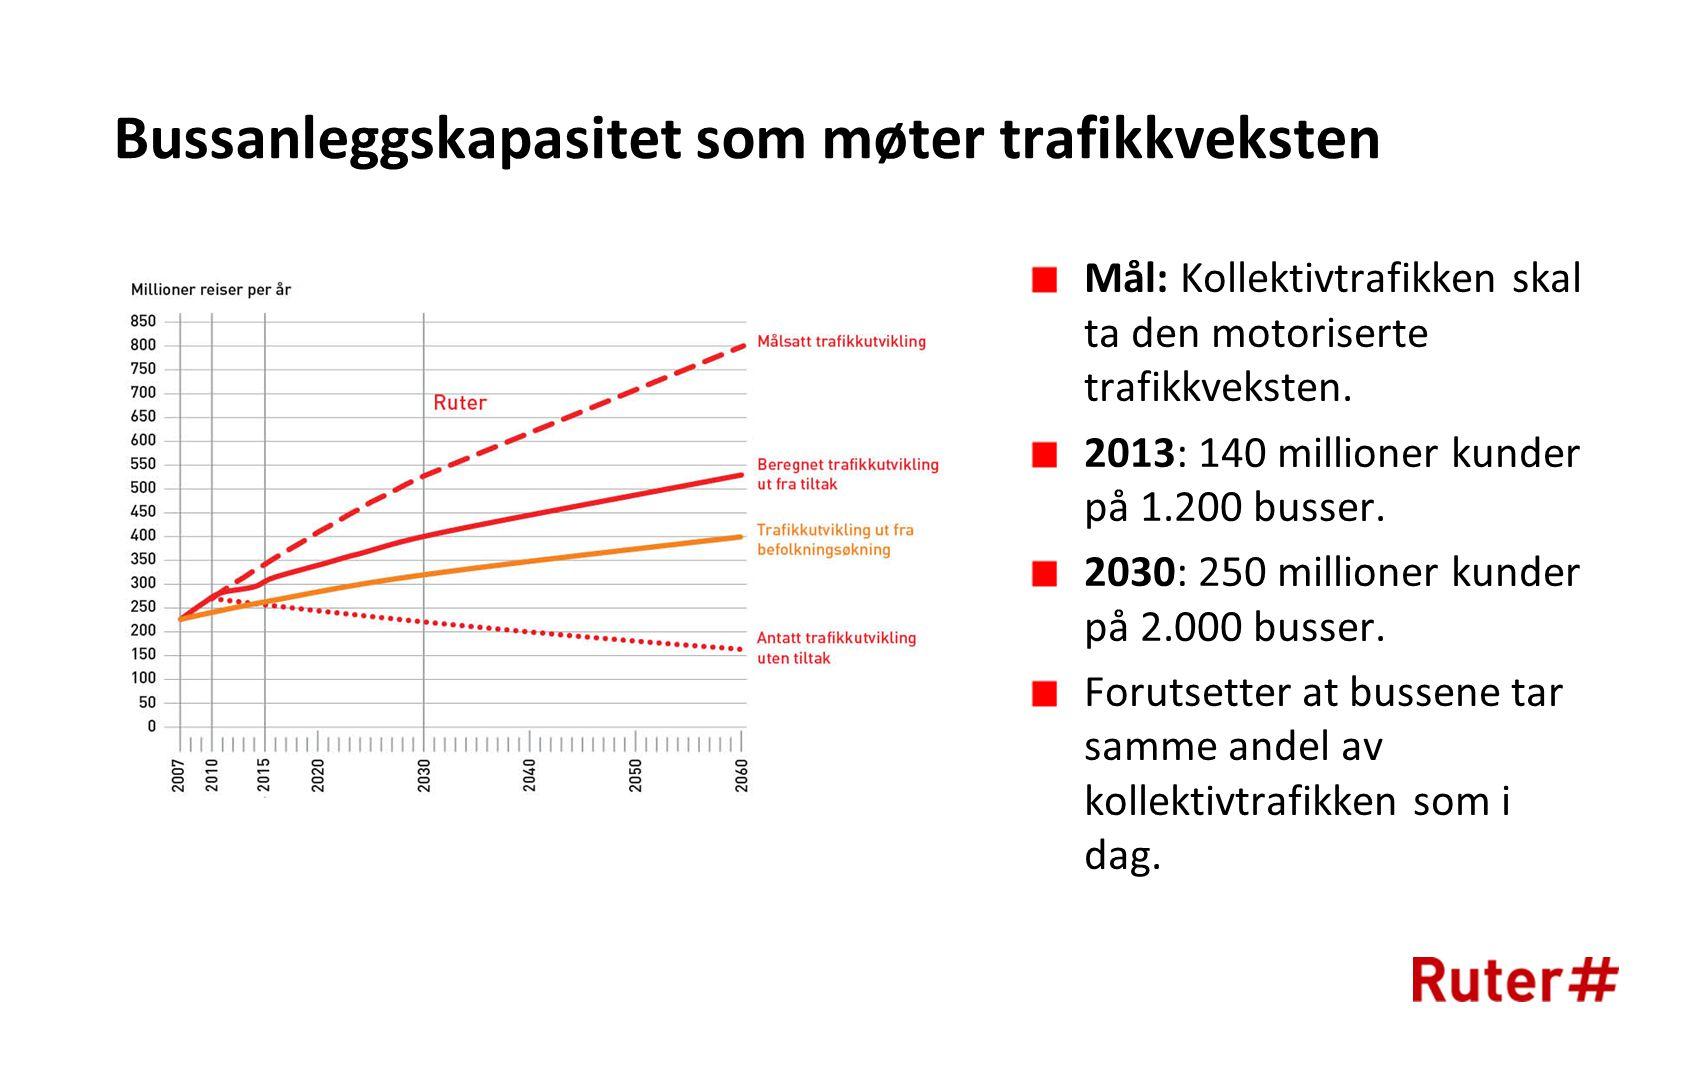 Bussanleggskapasitet som møter trafikkveksten Mål: Kollektivtrafikken skal ta den motoriserte trafikkveksten.